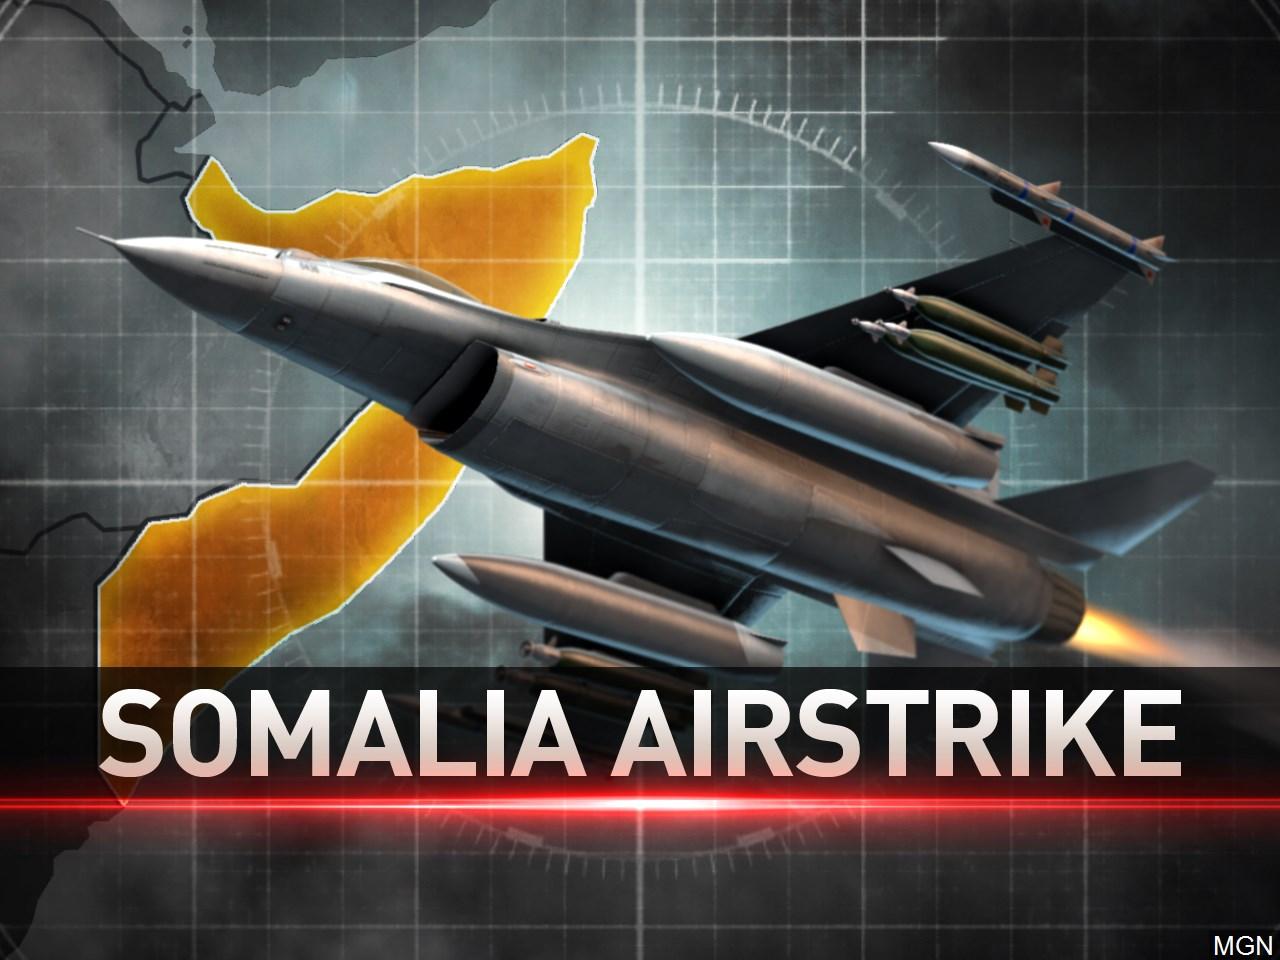 Somalia airstrike.jpg